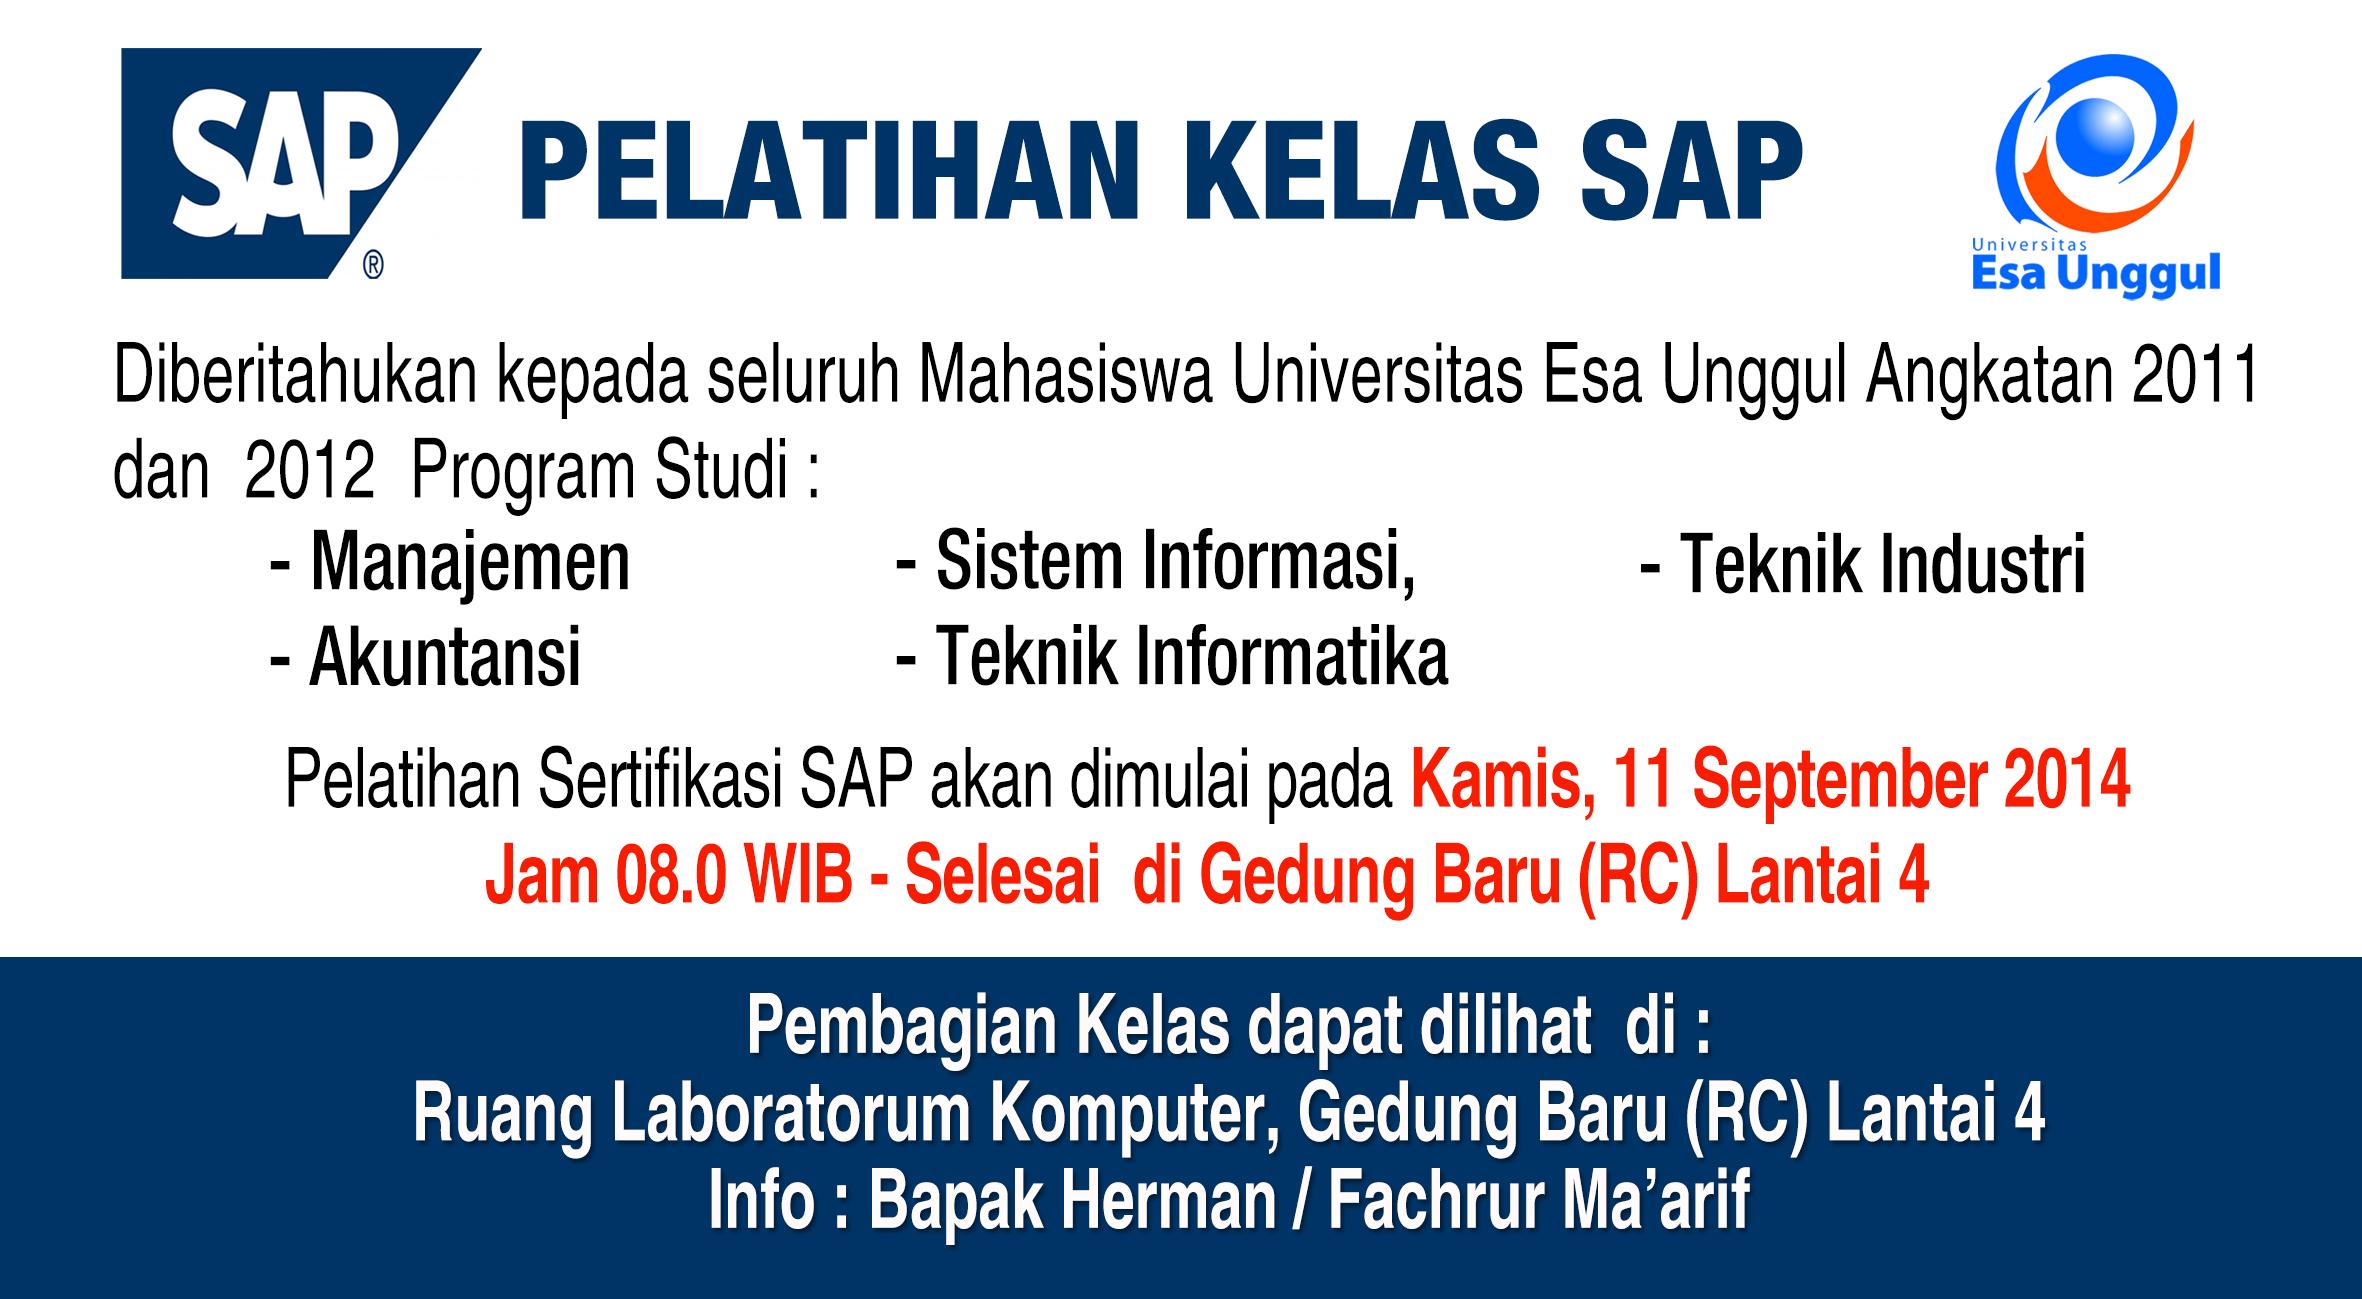 Jadwal dan Pembagian Kelas Pelatihan Sertifikasi SAP Tahun 2014